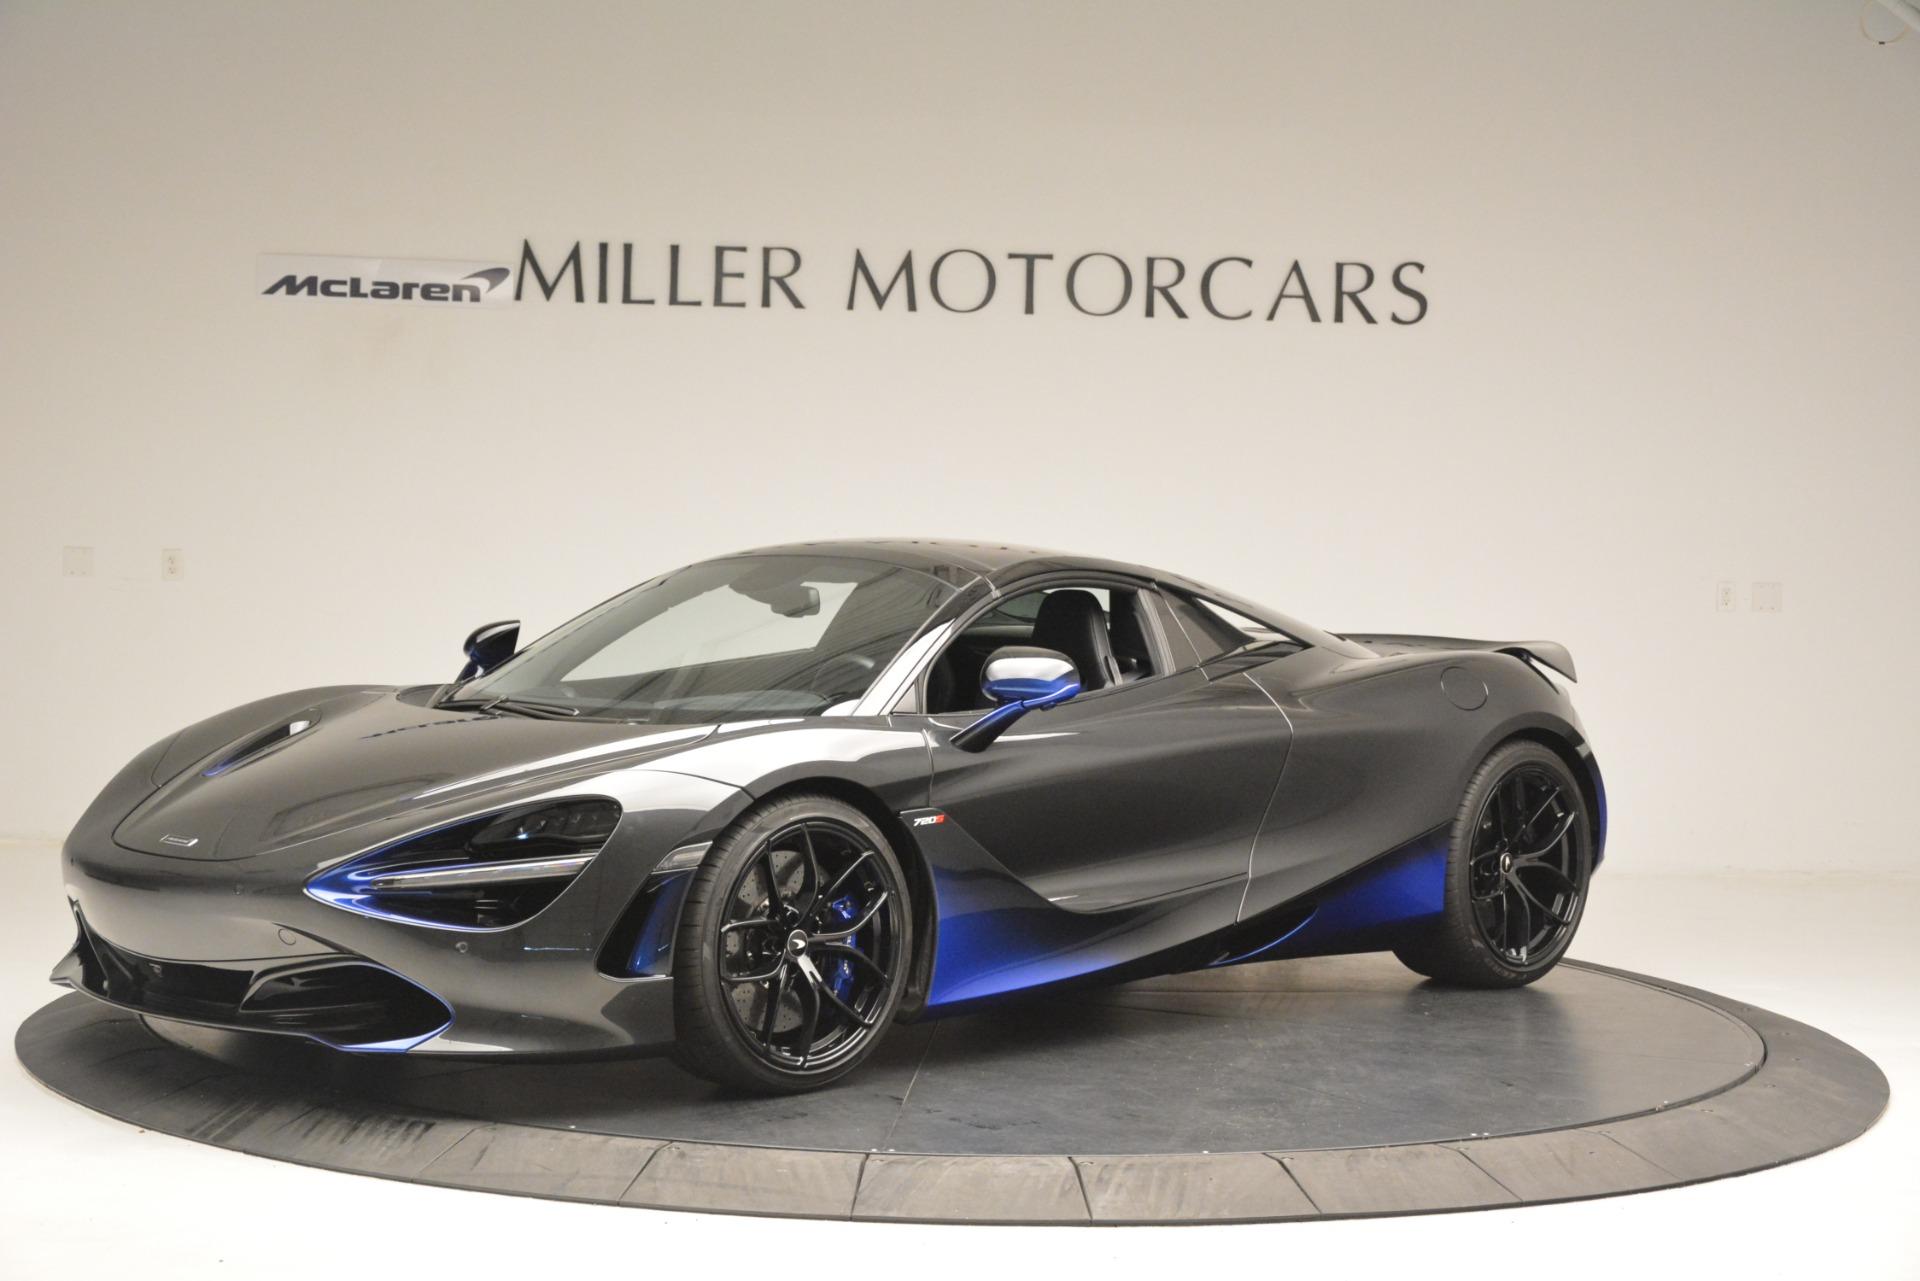 New 2020 McLaren 720s Spider For Sale In Westport, CT 3322_p2